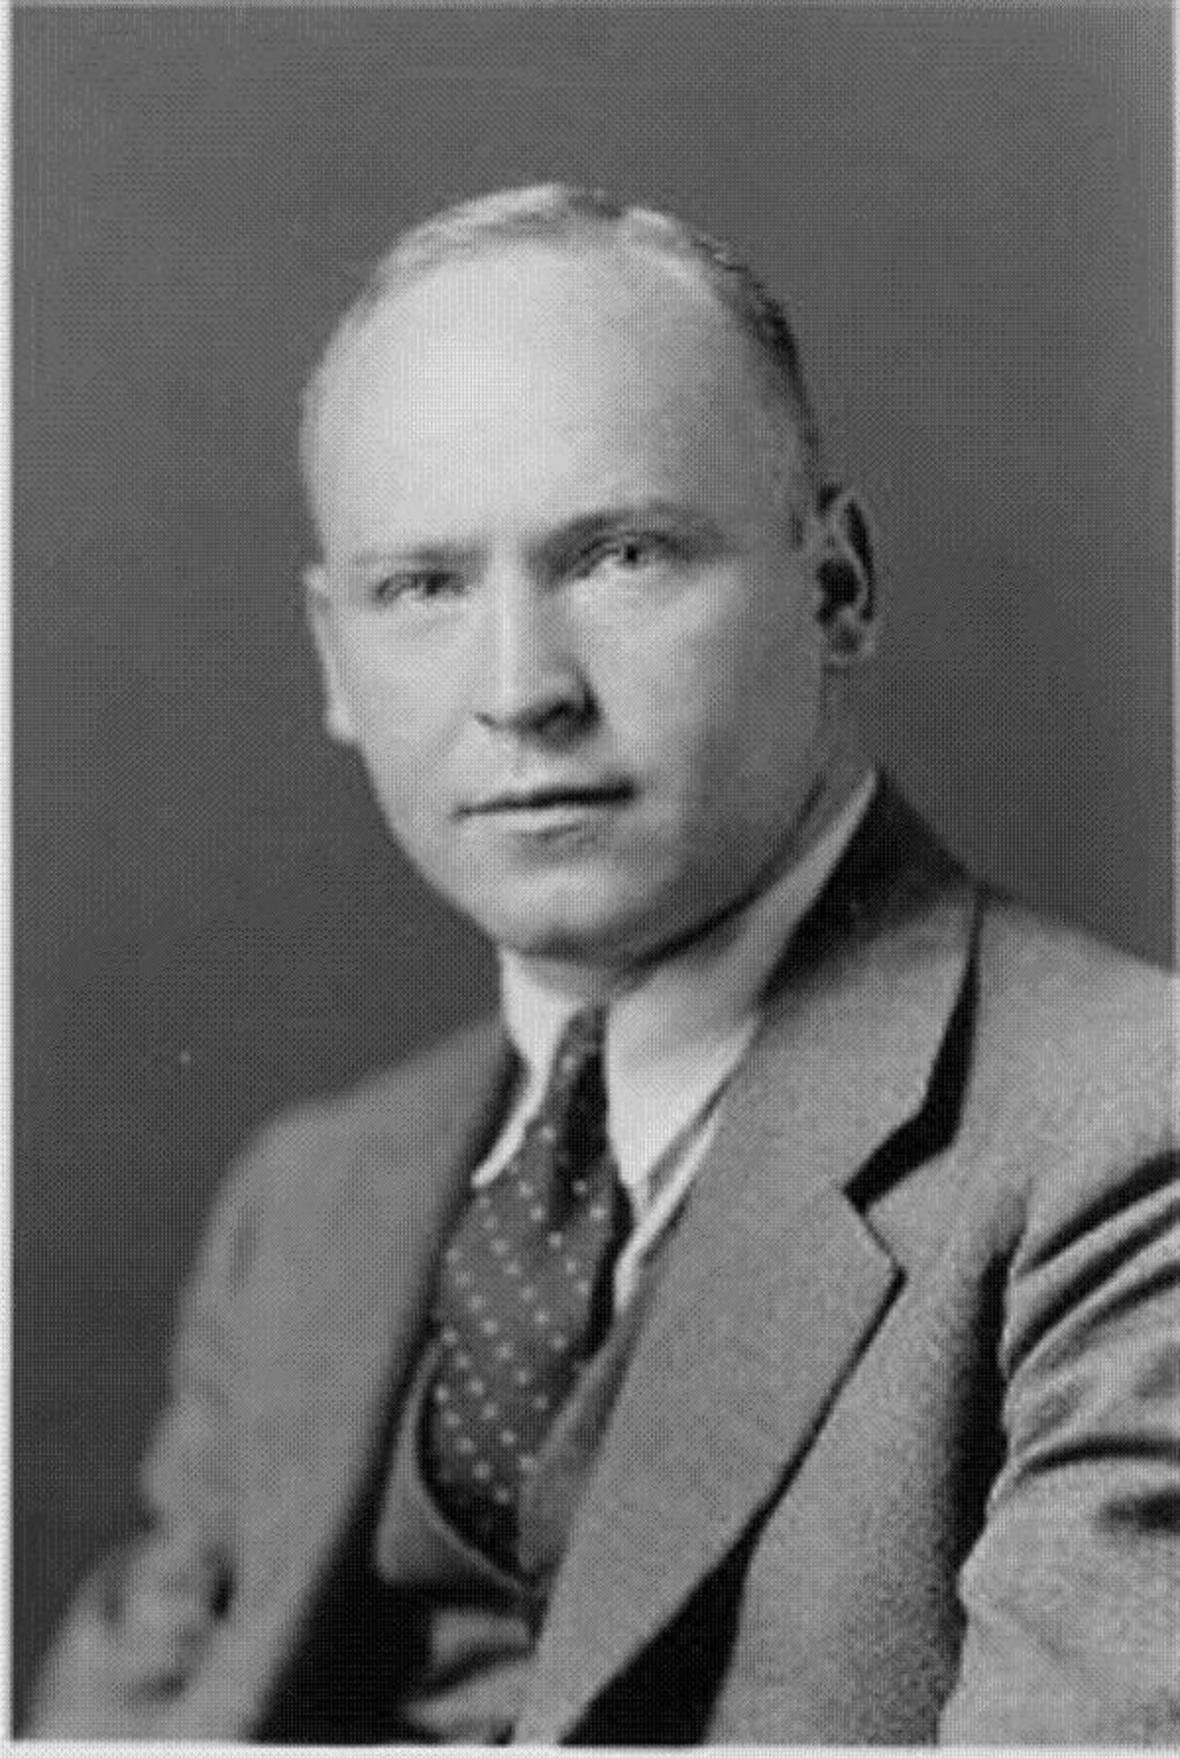 Carl Gustav Arvid Rossby